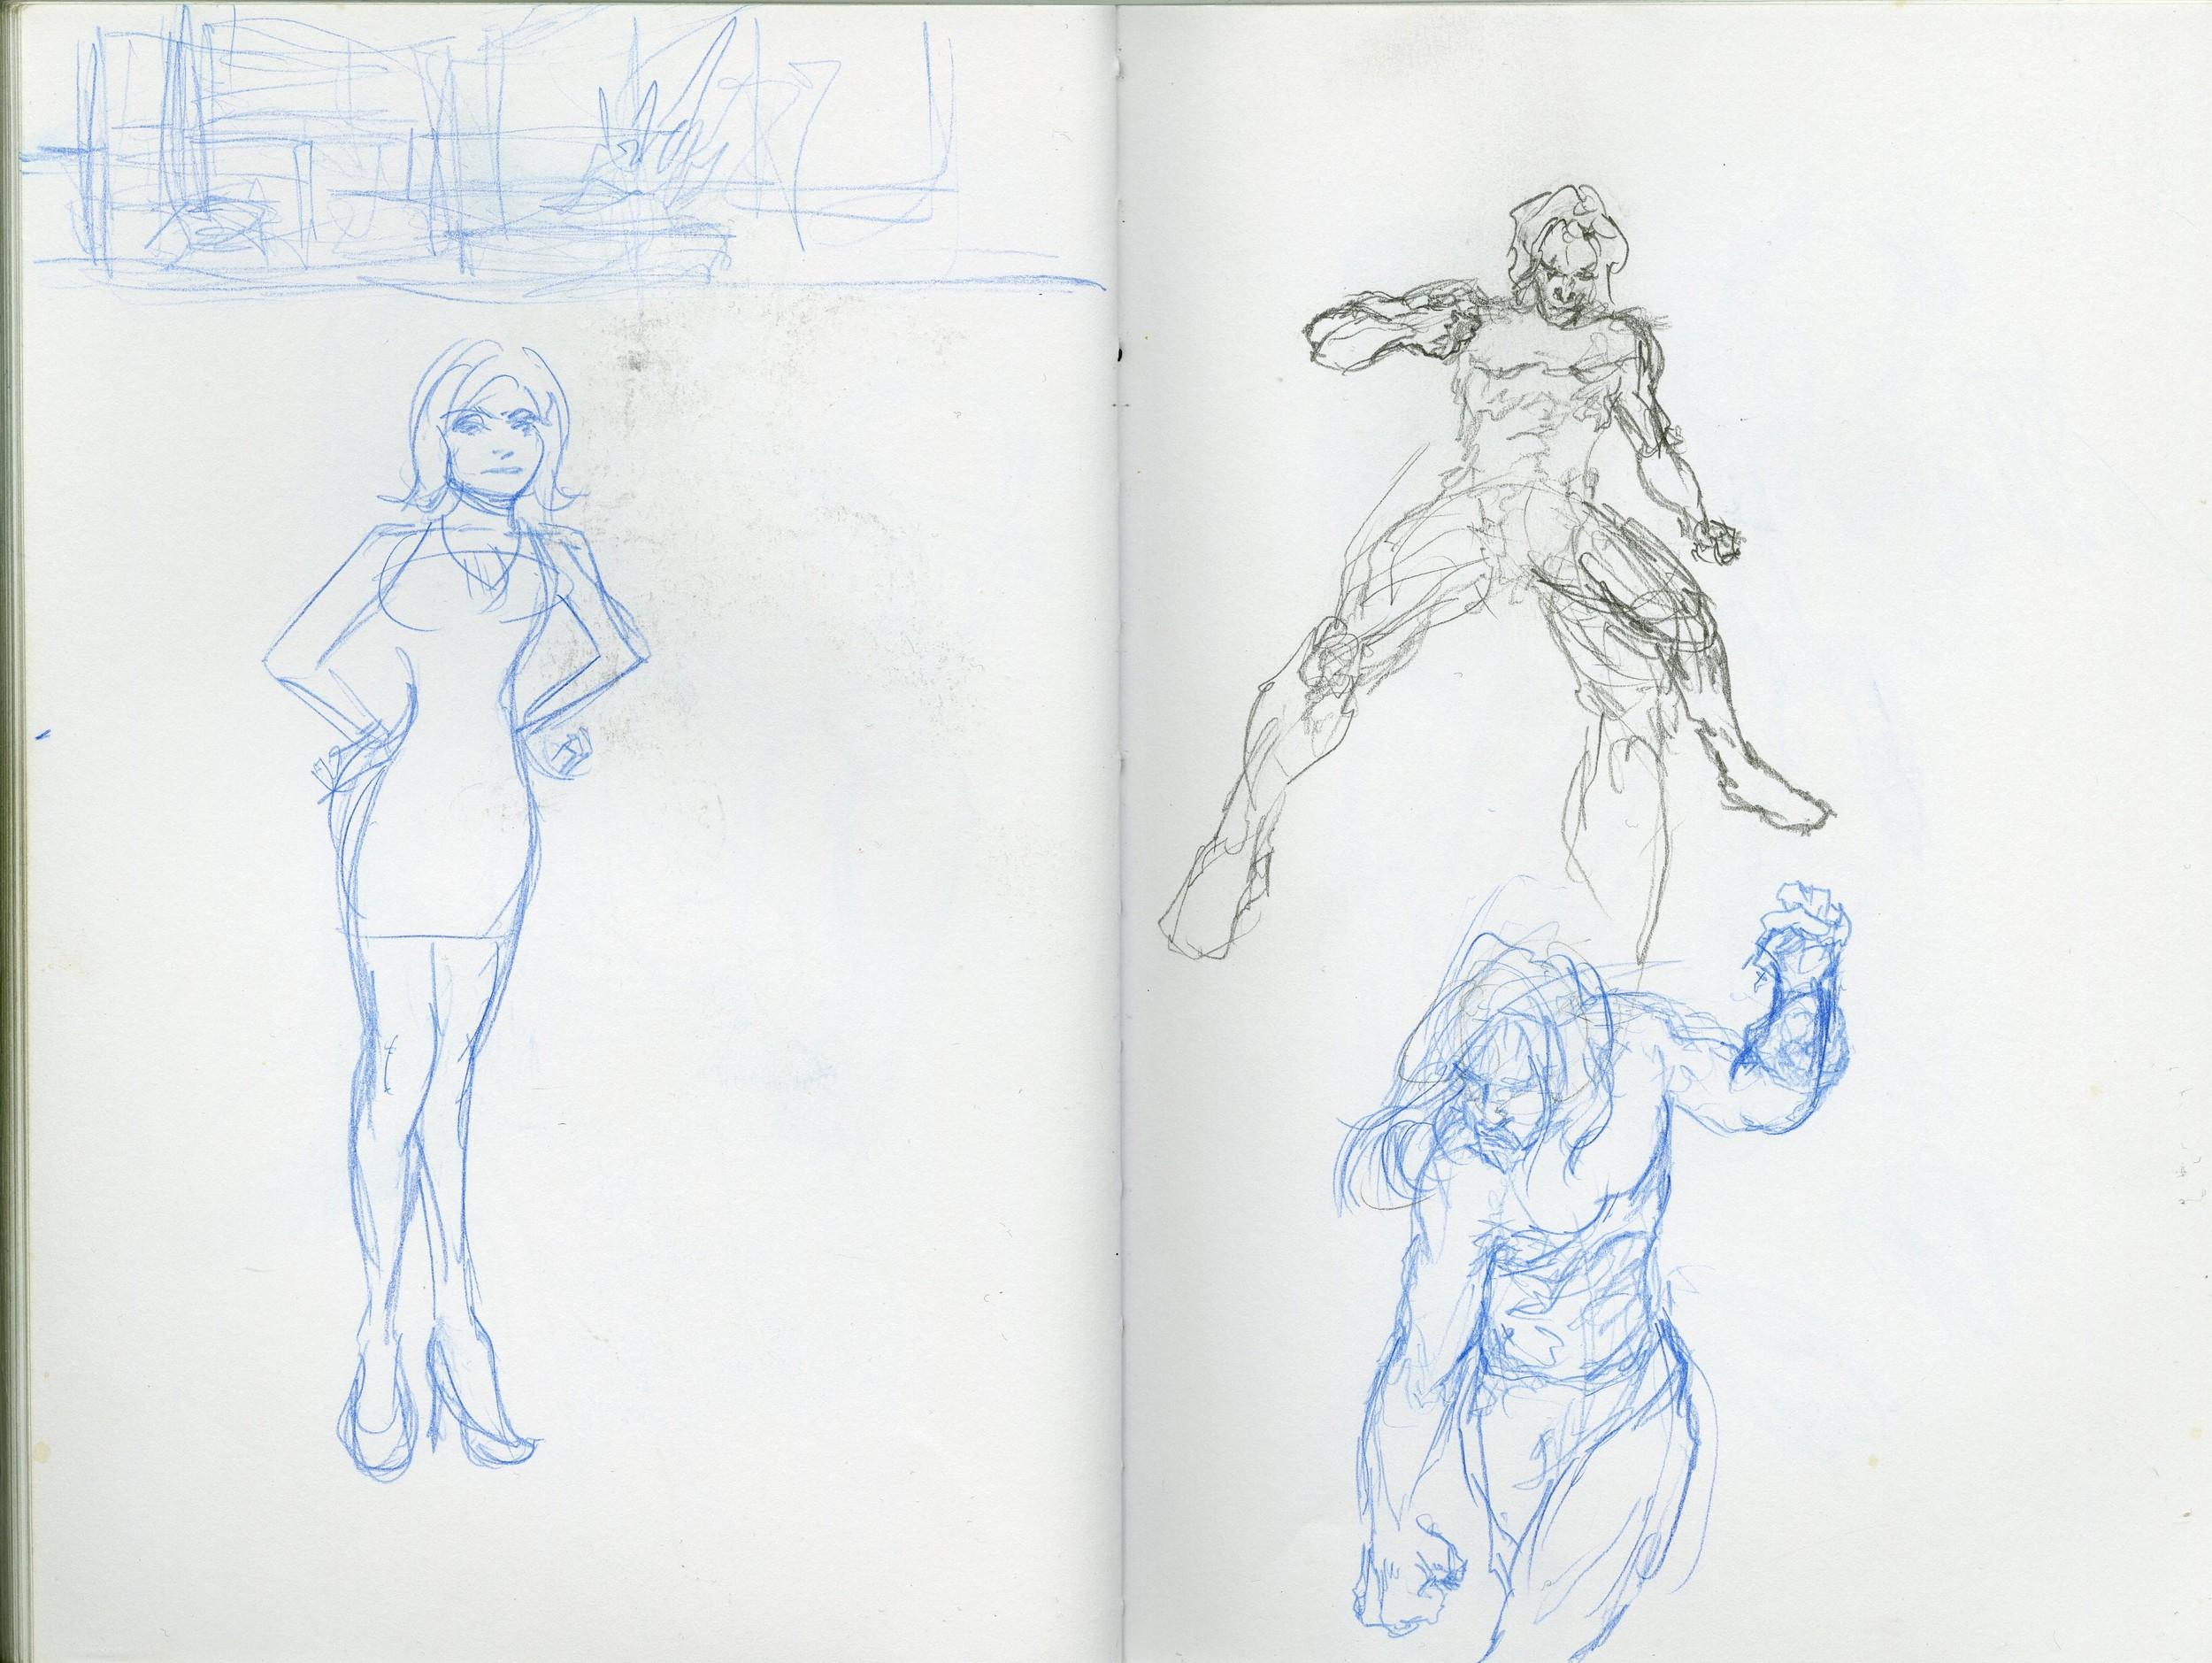 SketchbookScan110.jpg